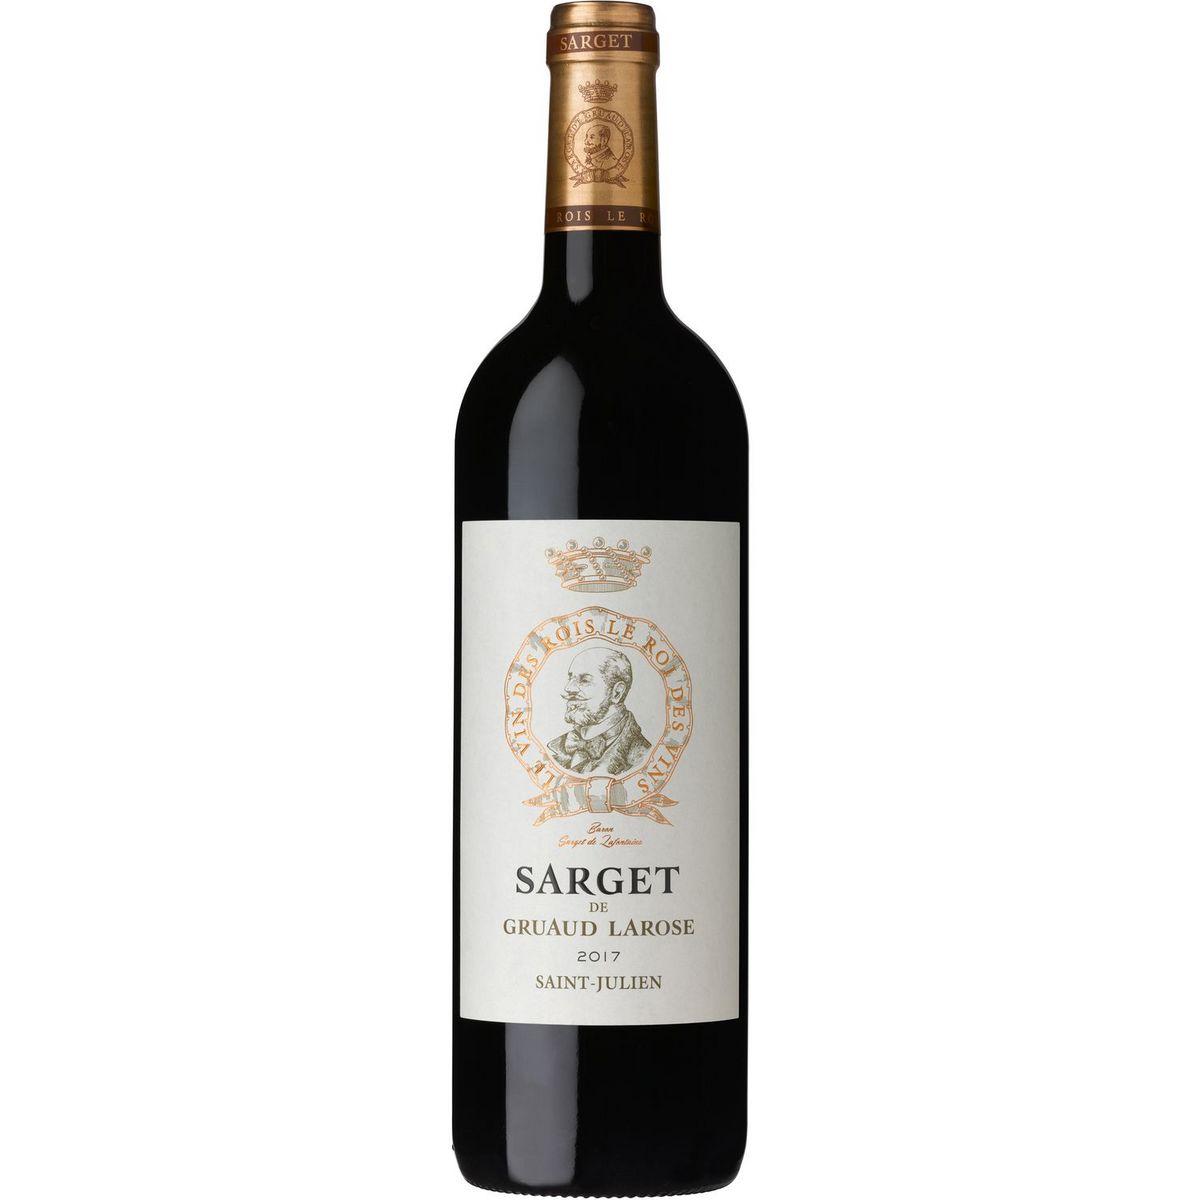 AOP Saint-Julien Sarget de Gruaud Larose second vin rouge 2017